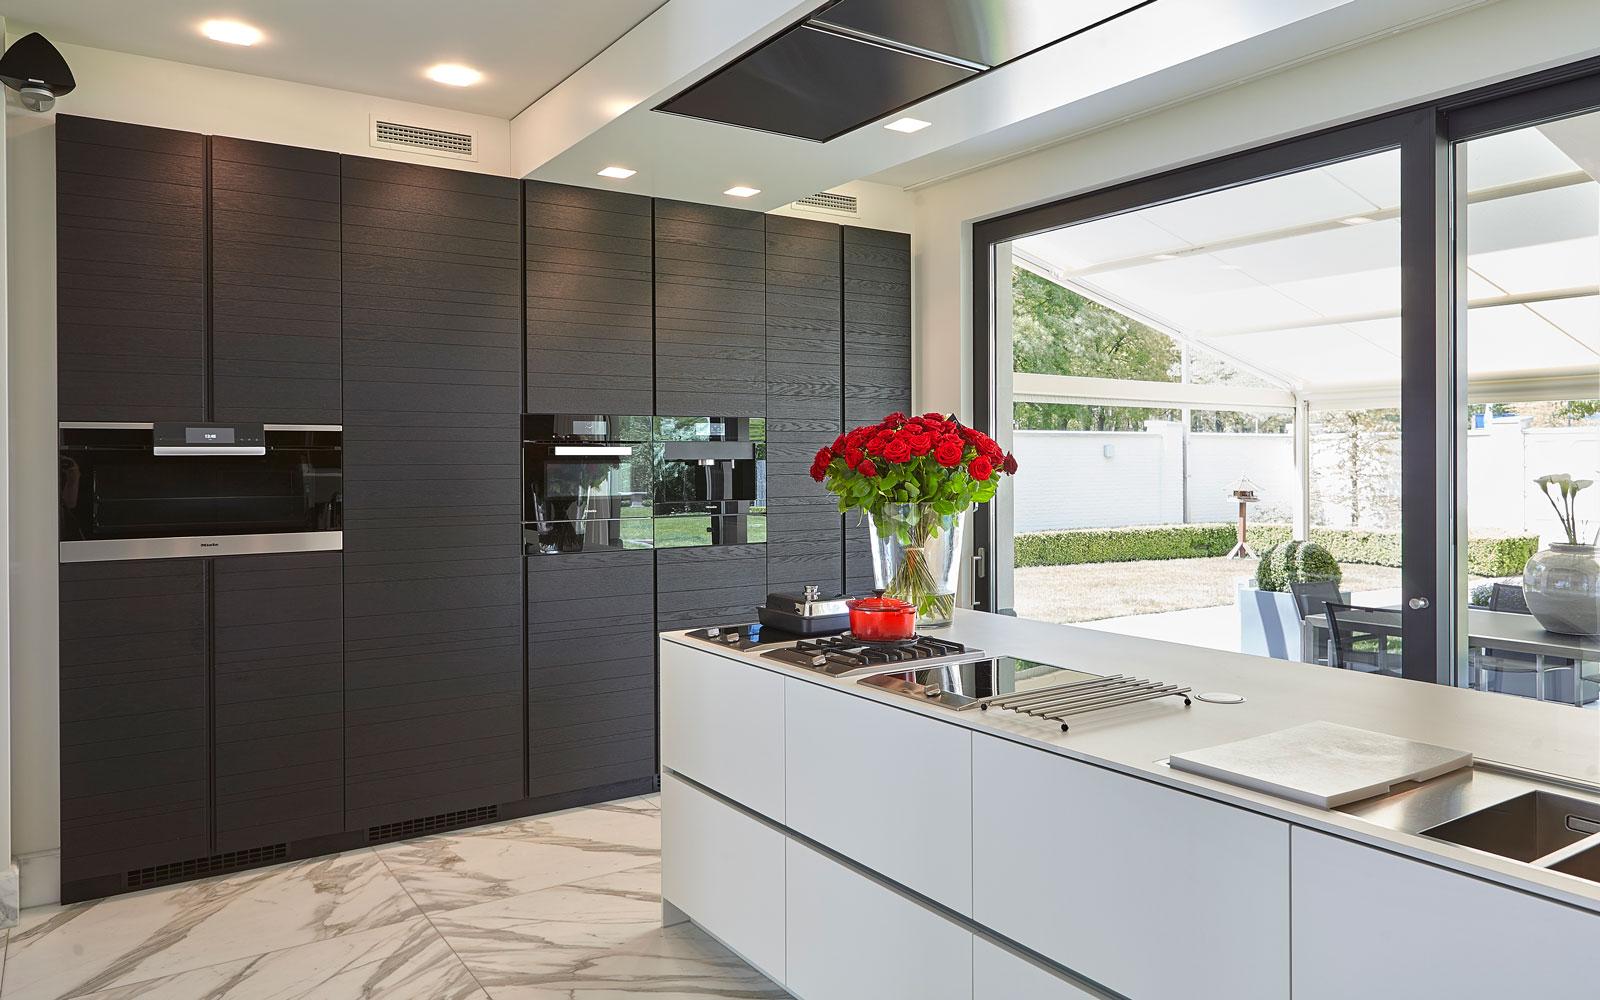 Keuken, maatwerk door Rob Zeelen Interior, marmeren vloer, Miele apparatuur,